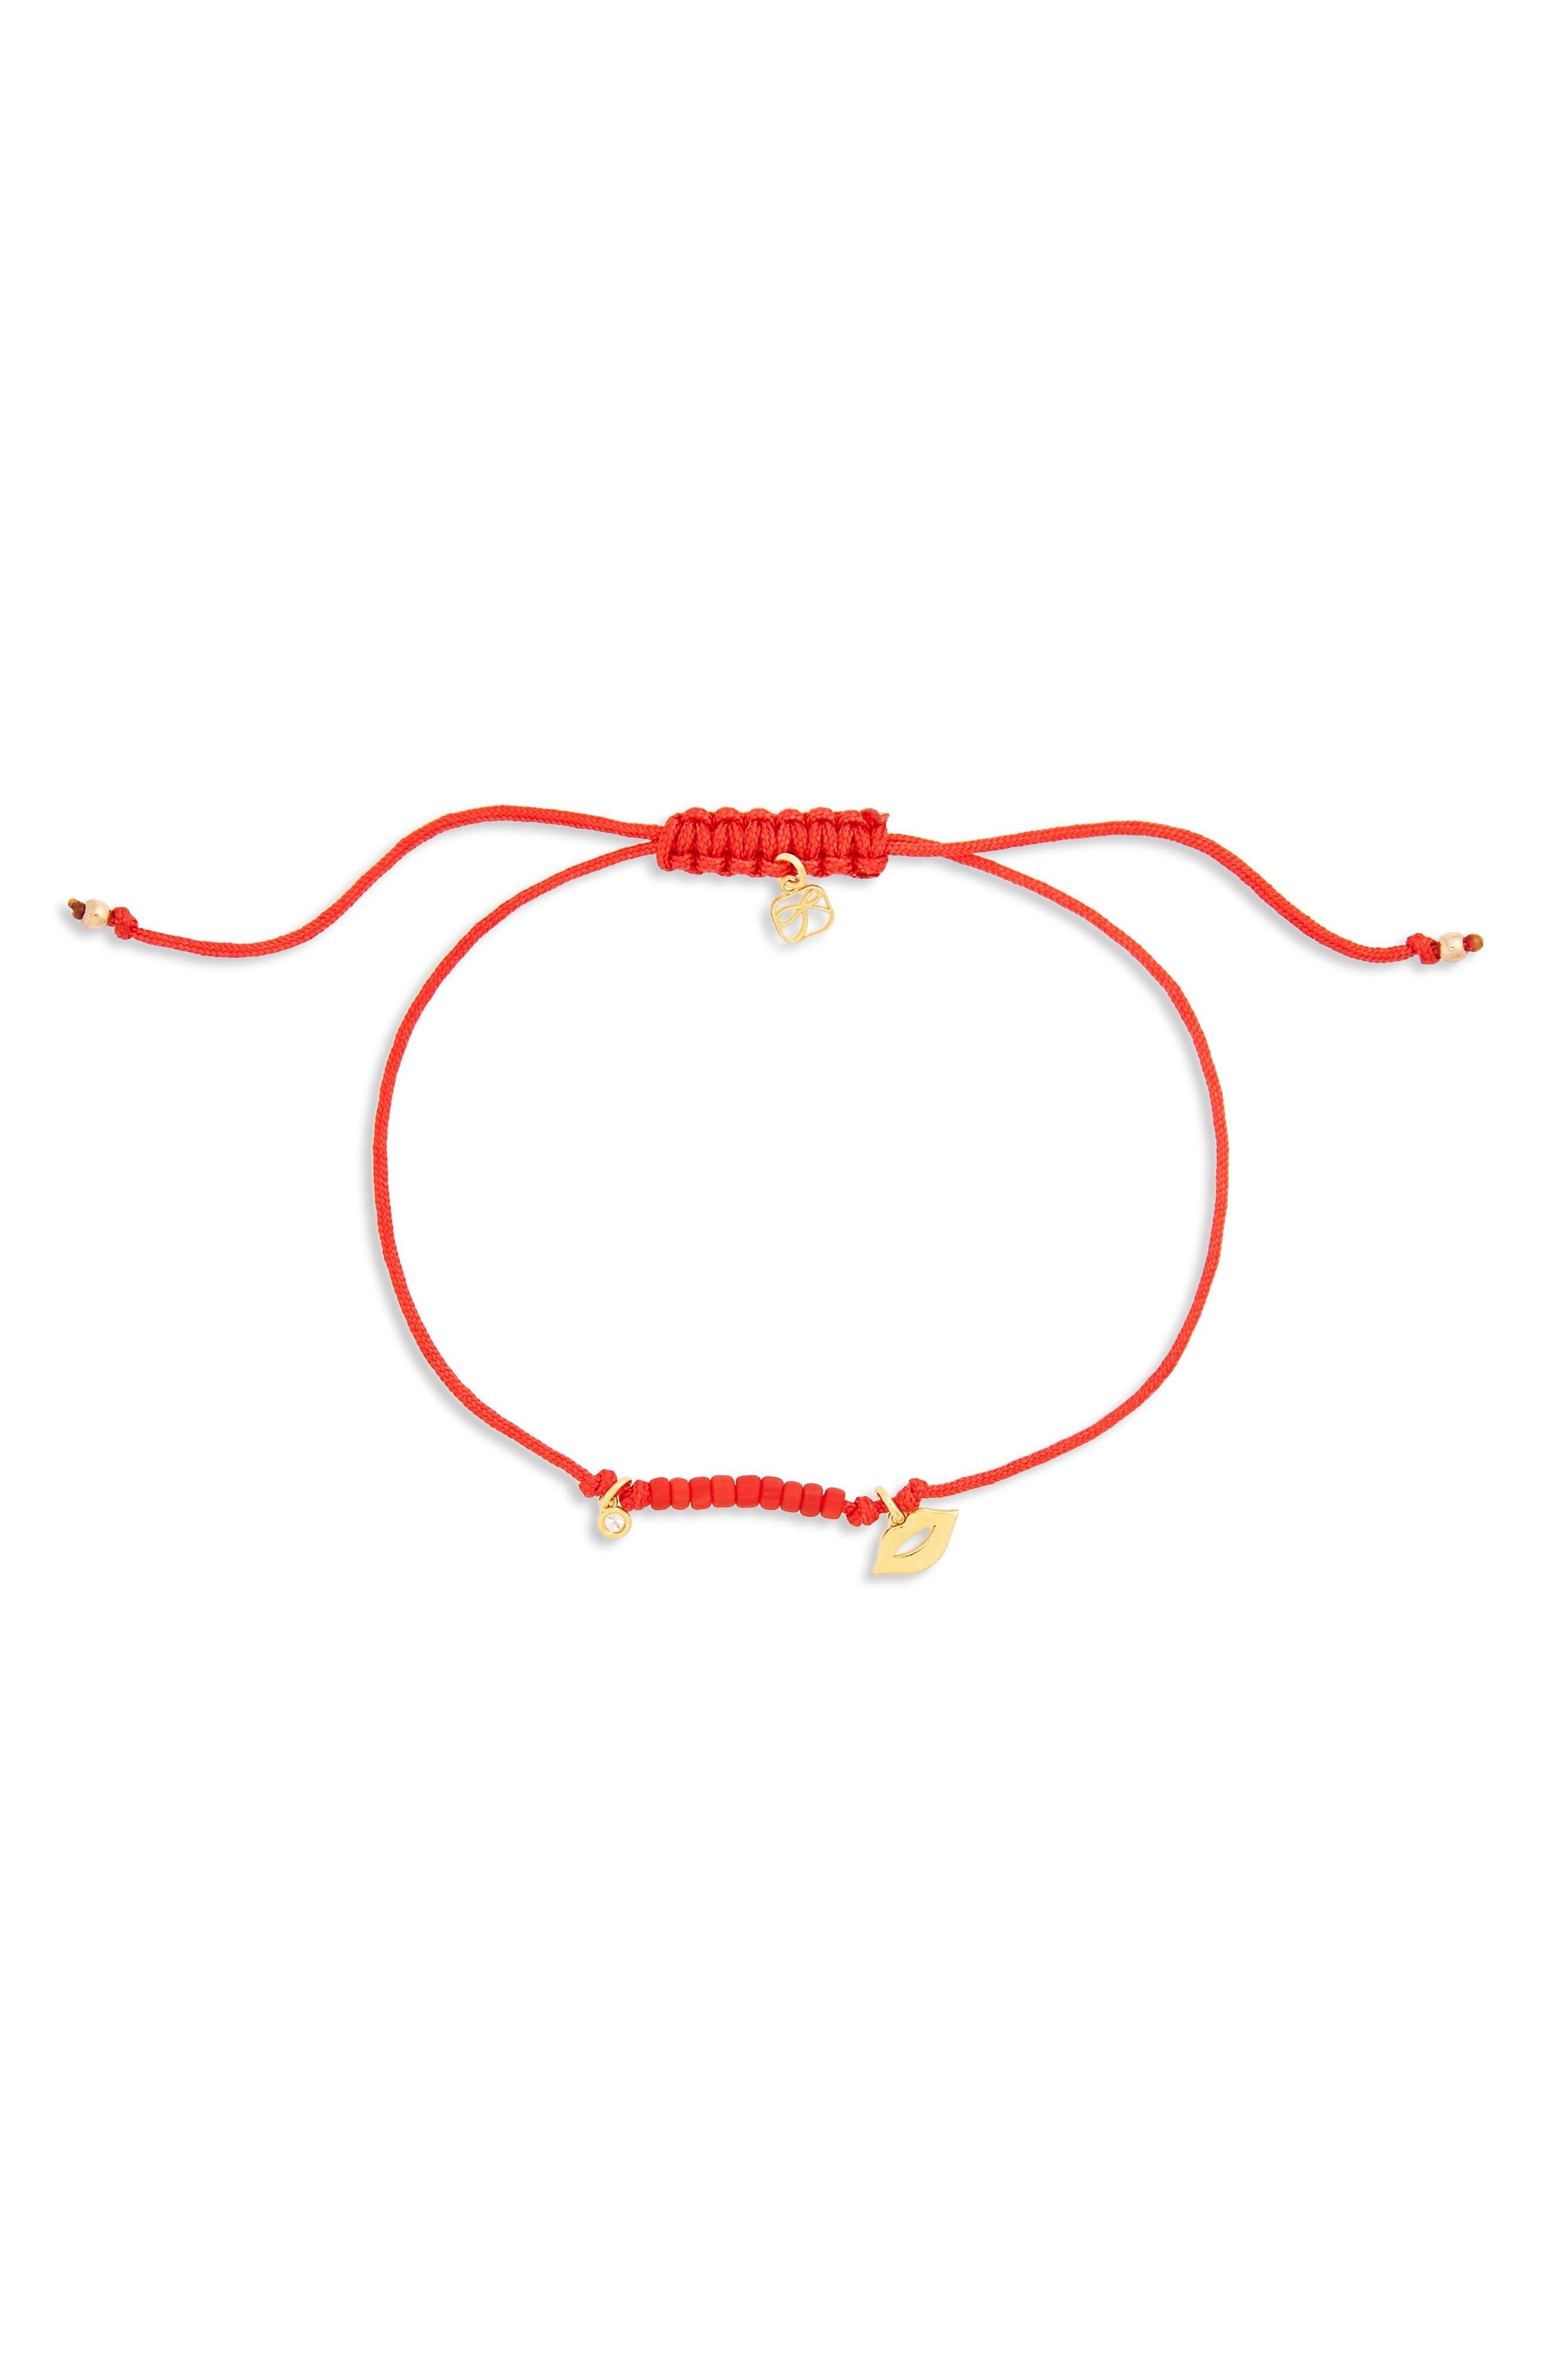 Diamond Lips Bracelet,                             Main thumbnail 1, color,                             710